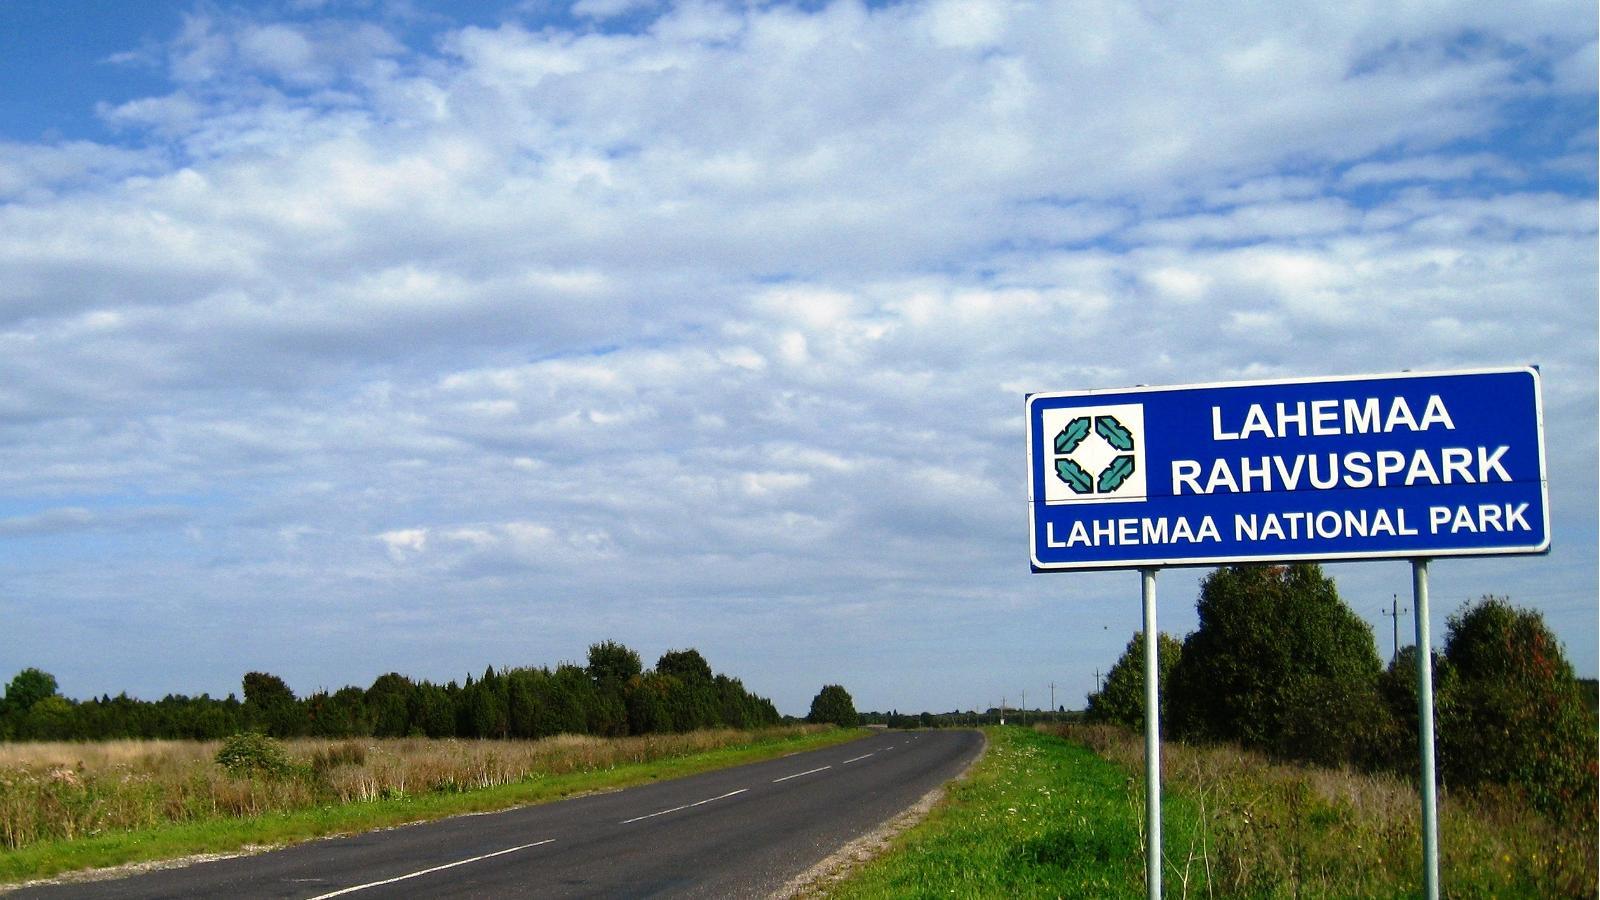 Lahemaa Rahvuspark